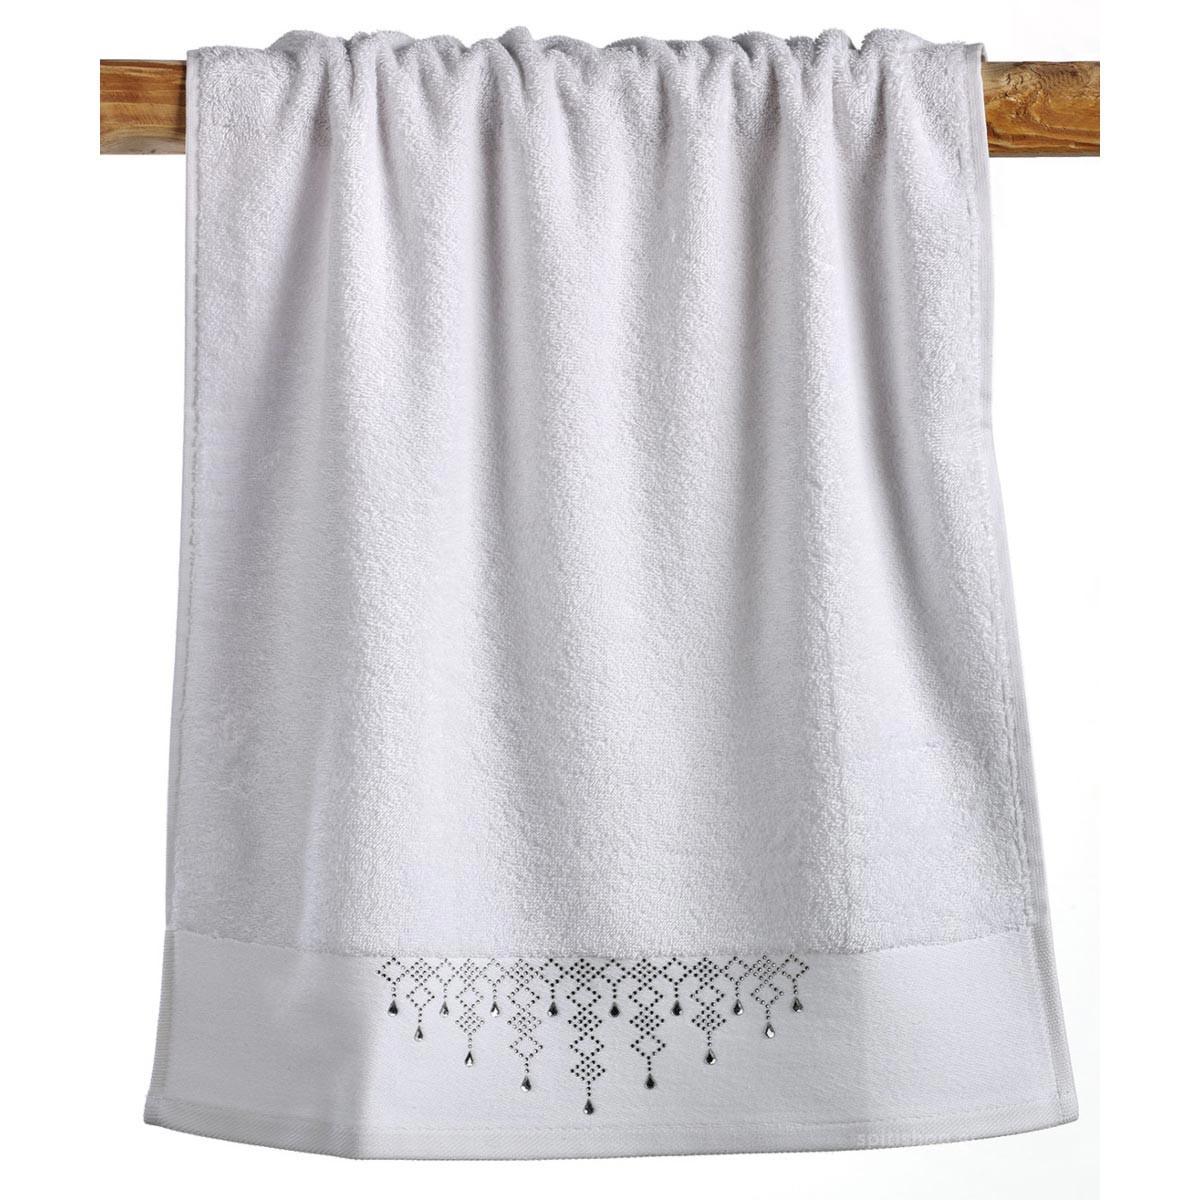 Πετσέτες Μπάνιου (Σετ 3τμχ) Kentia Bath Glitter 00